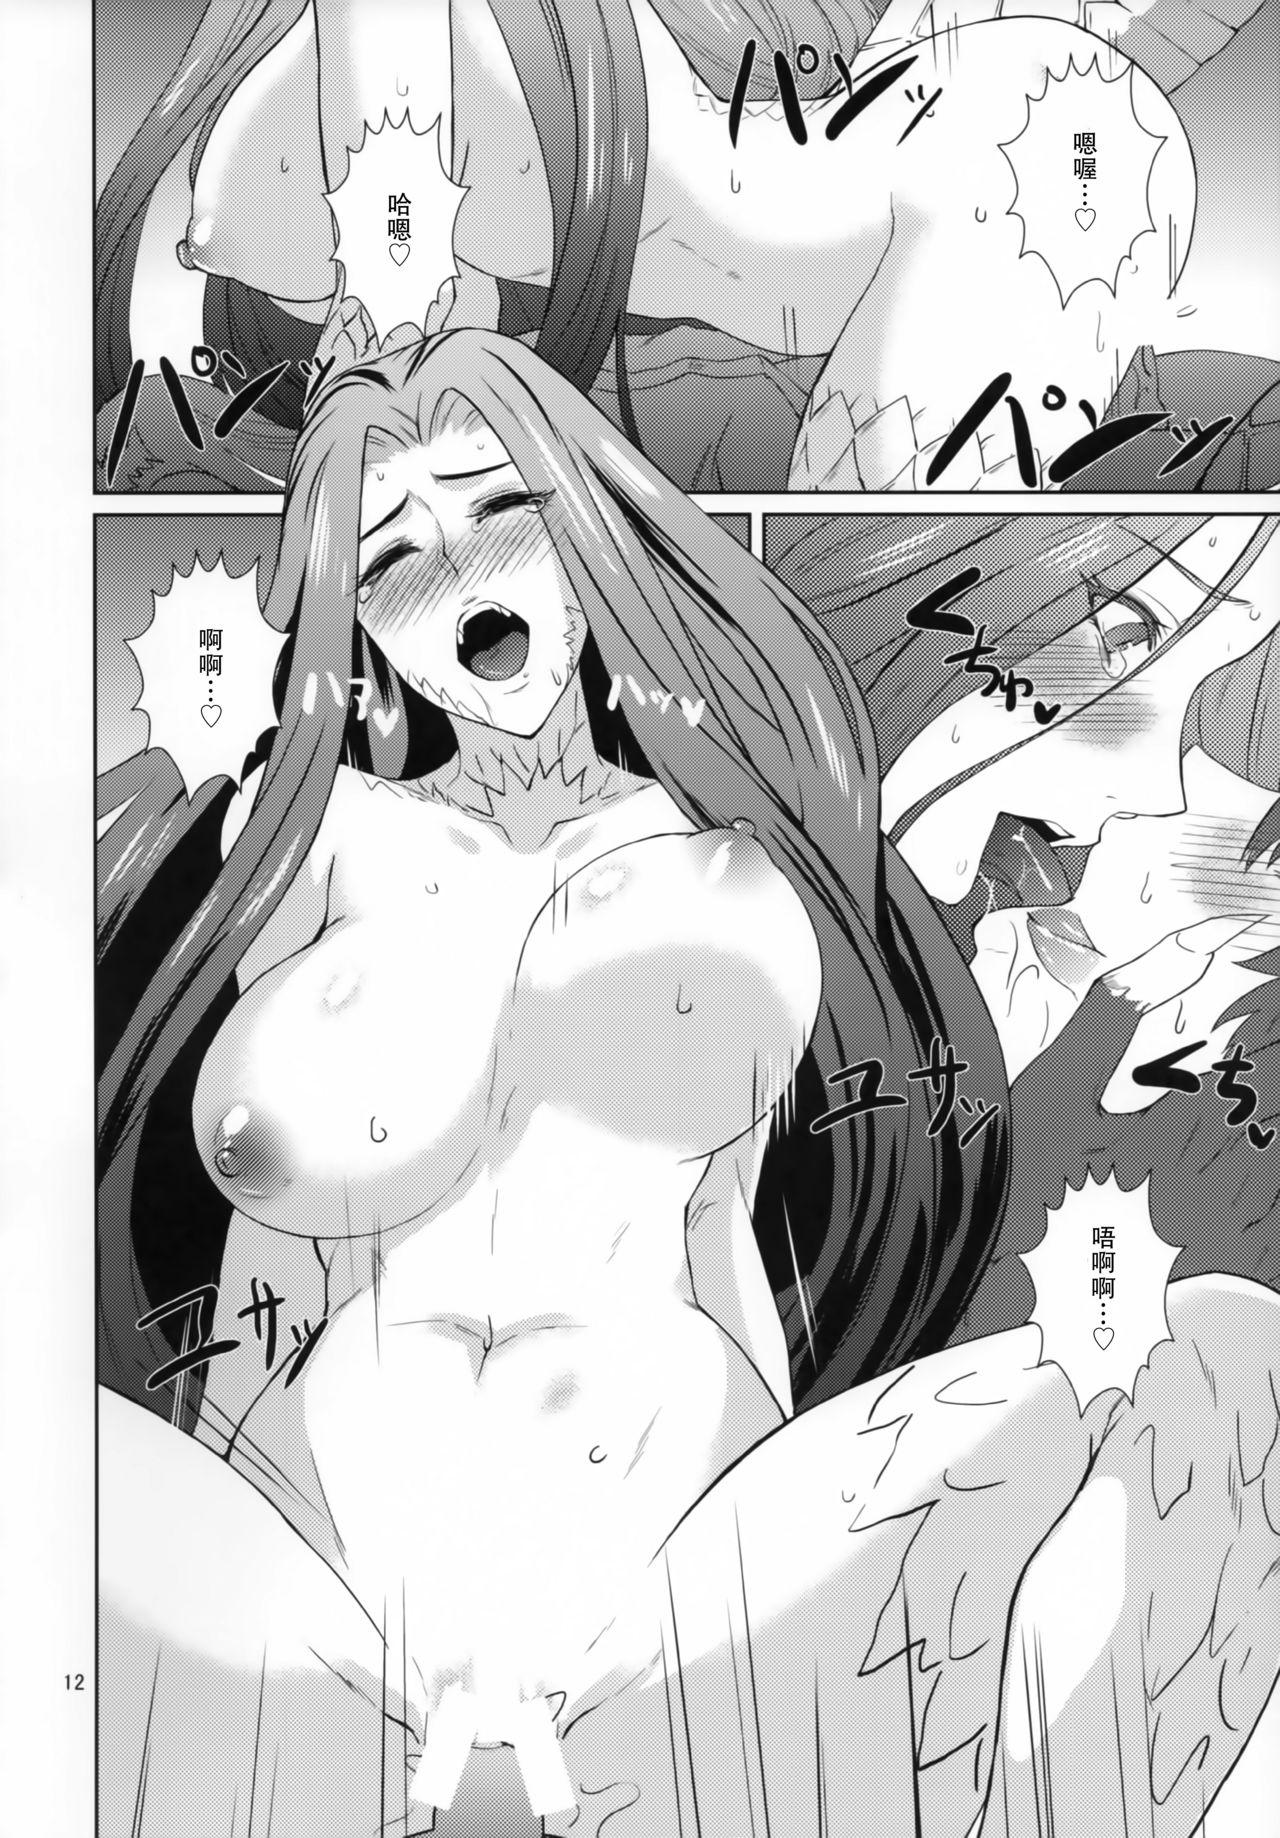 Gorgon Blossom 12